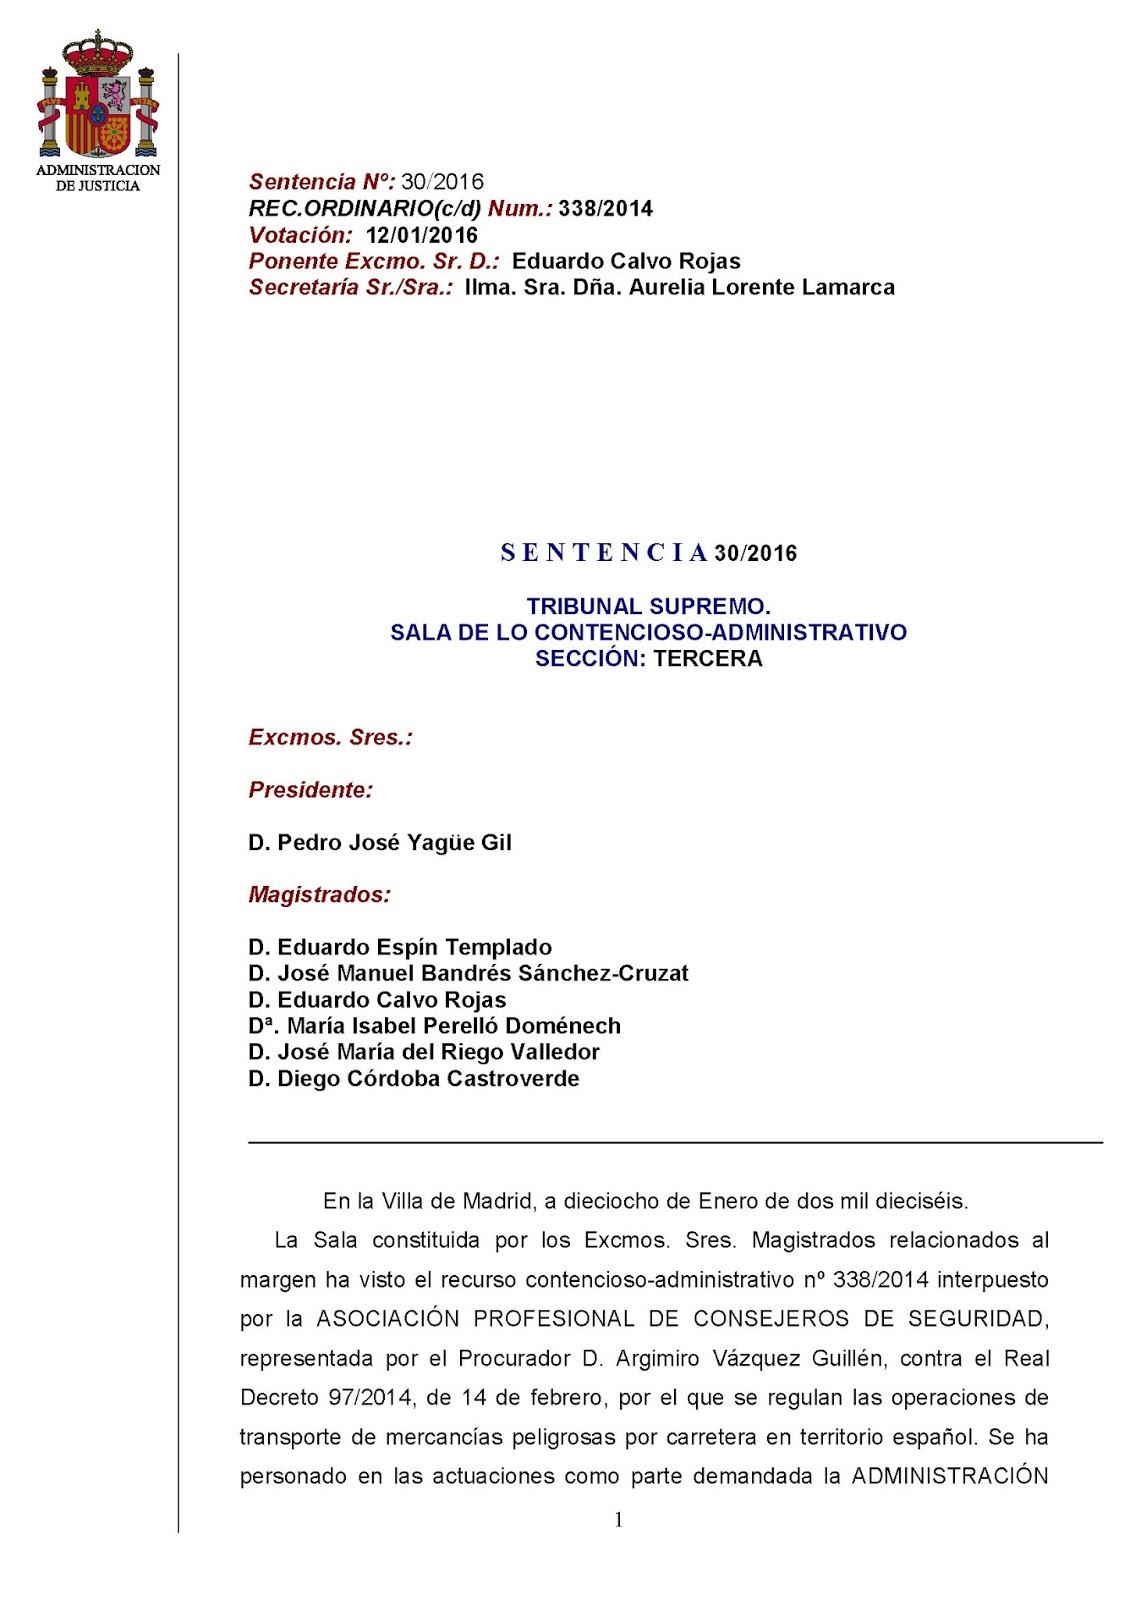 Blog de noticias sobre transporte de mercanc as peligrosas for Sala 4 tribunal supremo